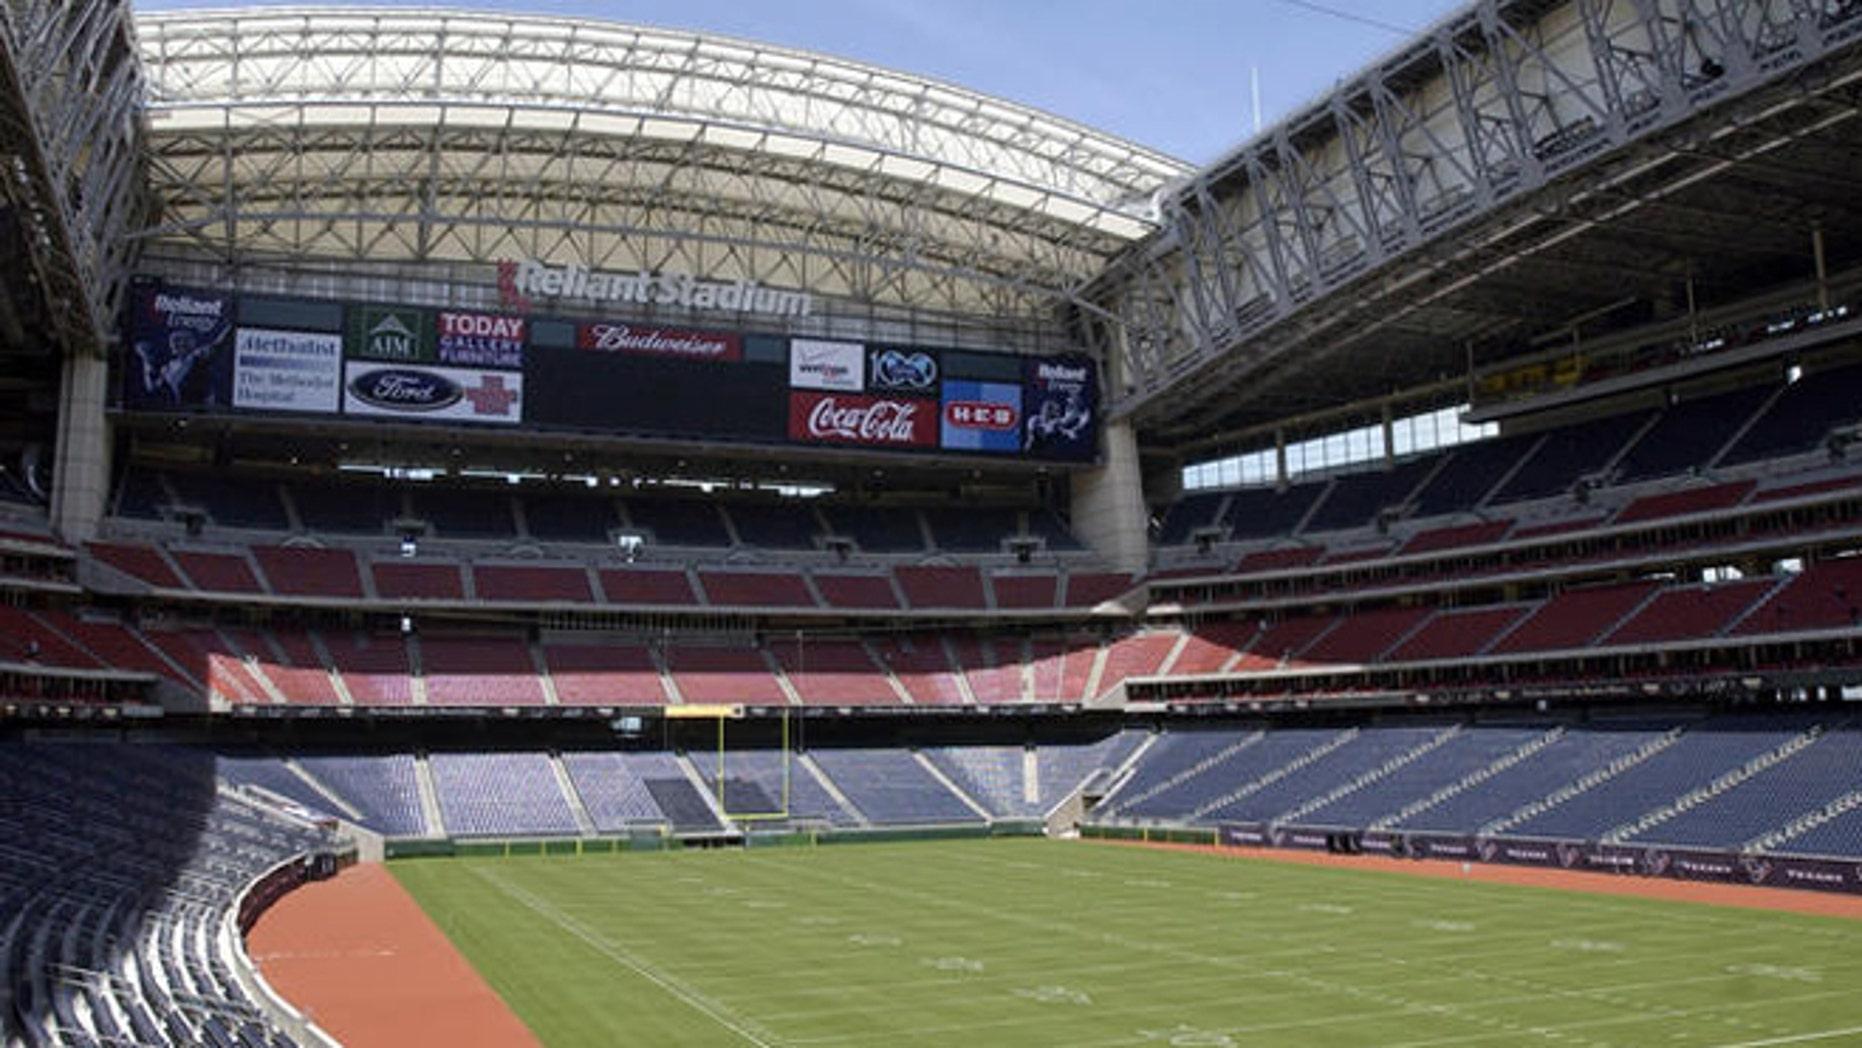 Reliant Stadium in Houston, Texas.